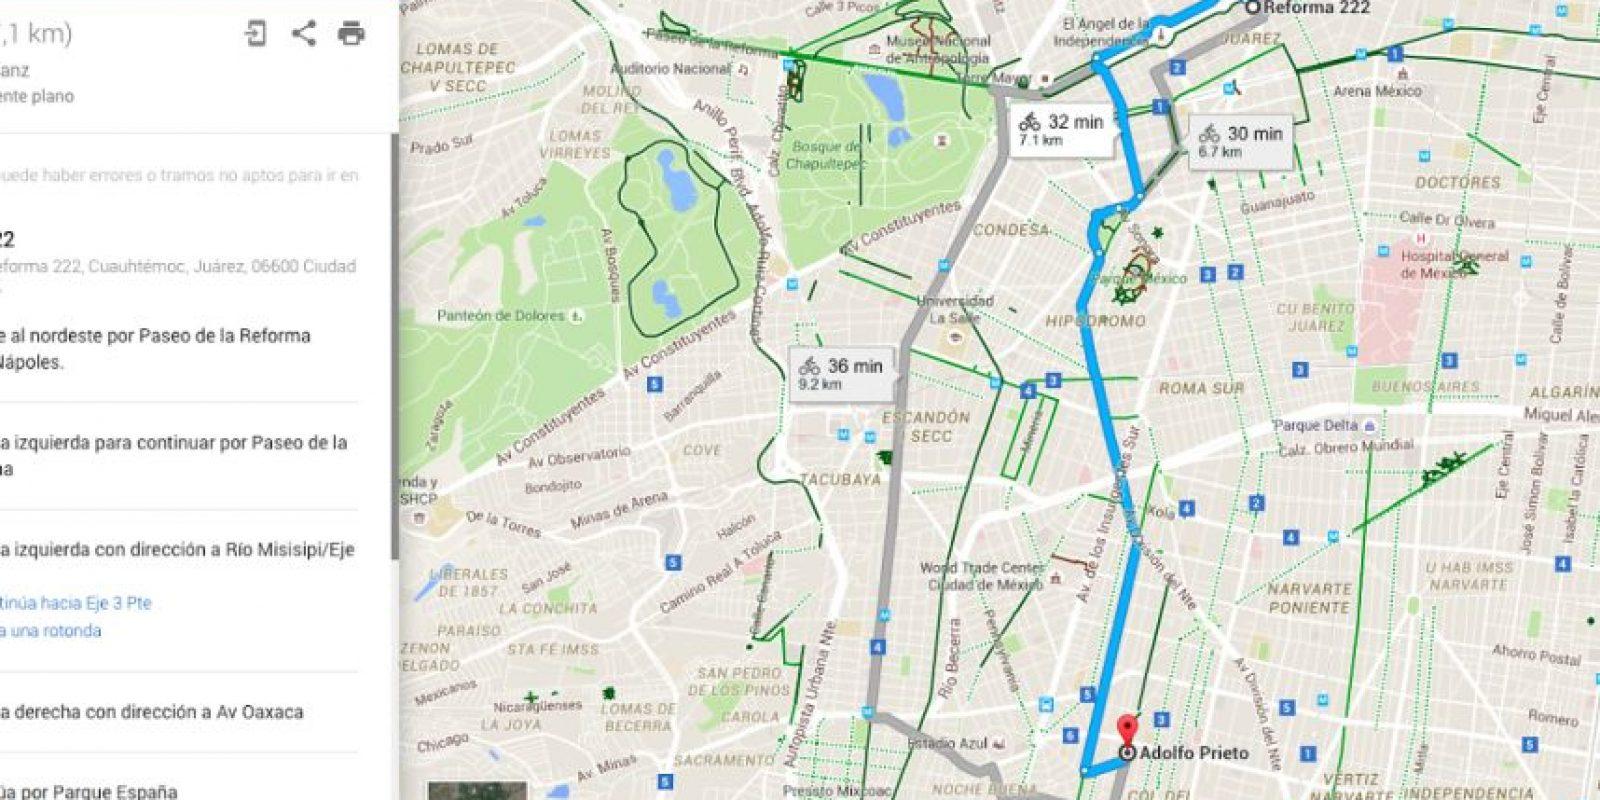 La nueva capa de Google Maps permite planear las rutas como ya ocurría con el auto o a pie Foto:Especial